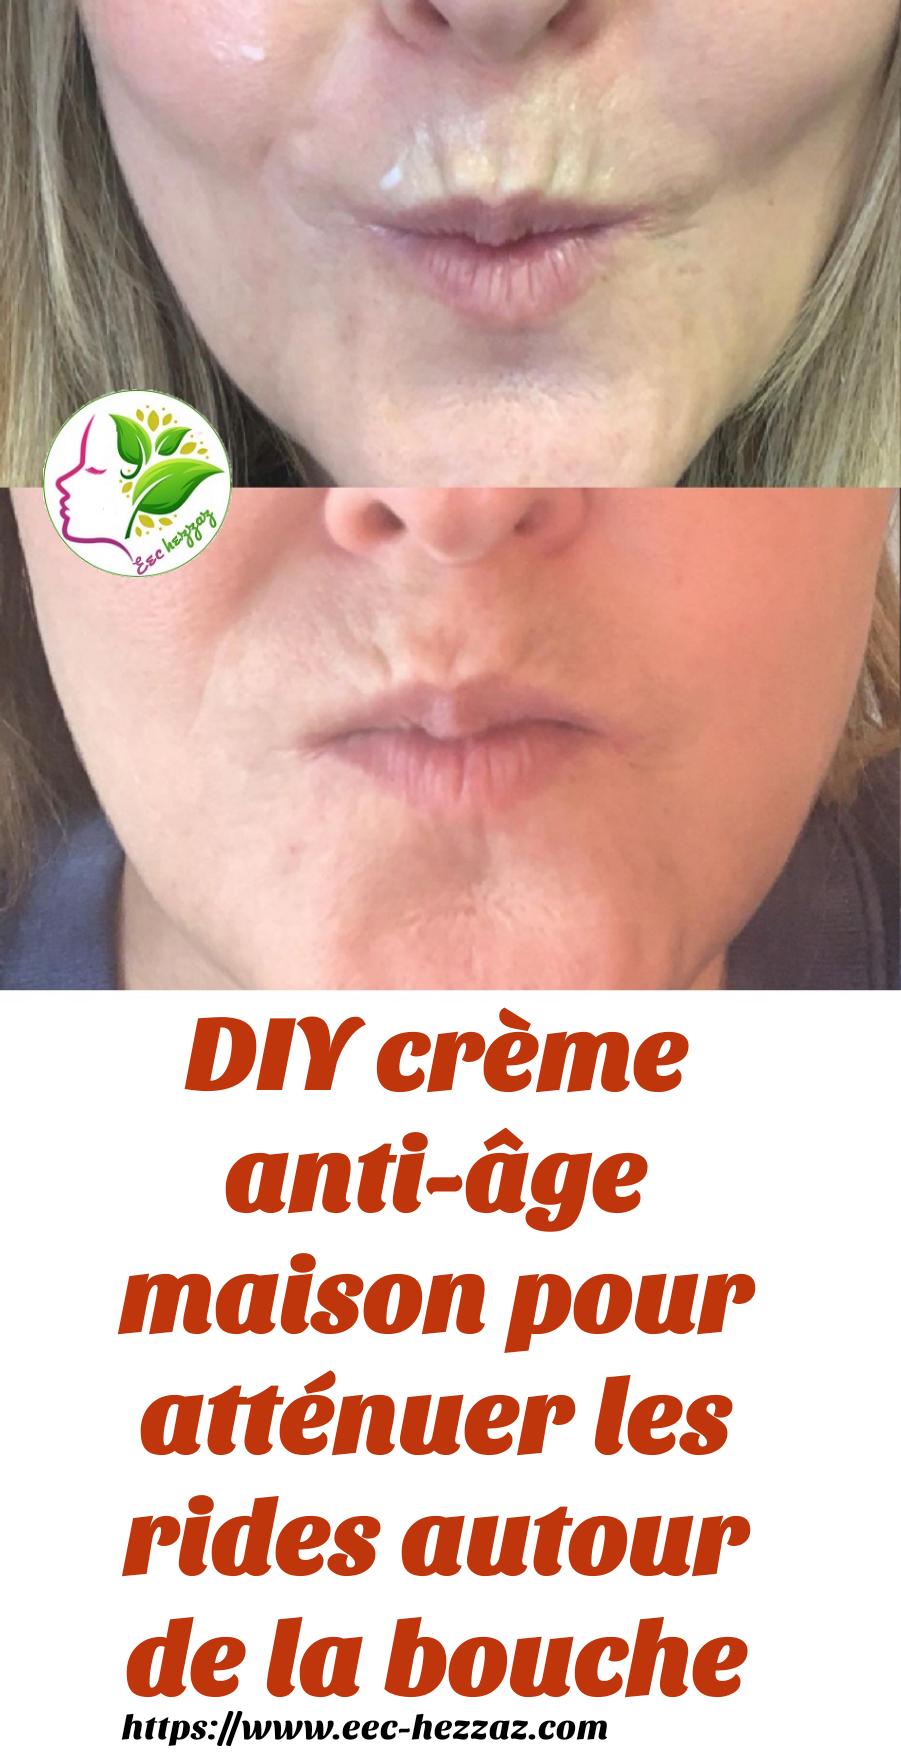 DIY crème anti-âge maison pour atténuer les rides autour de la bouche